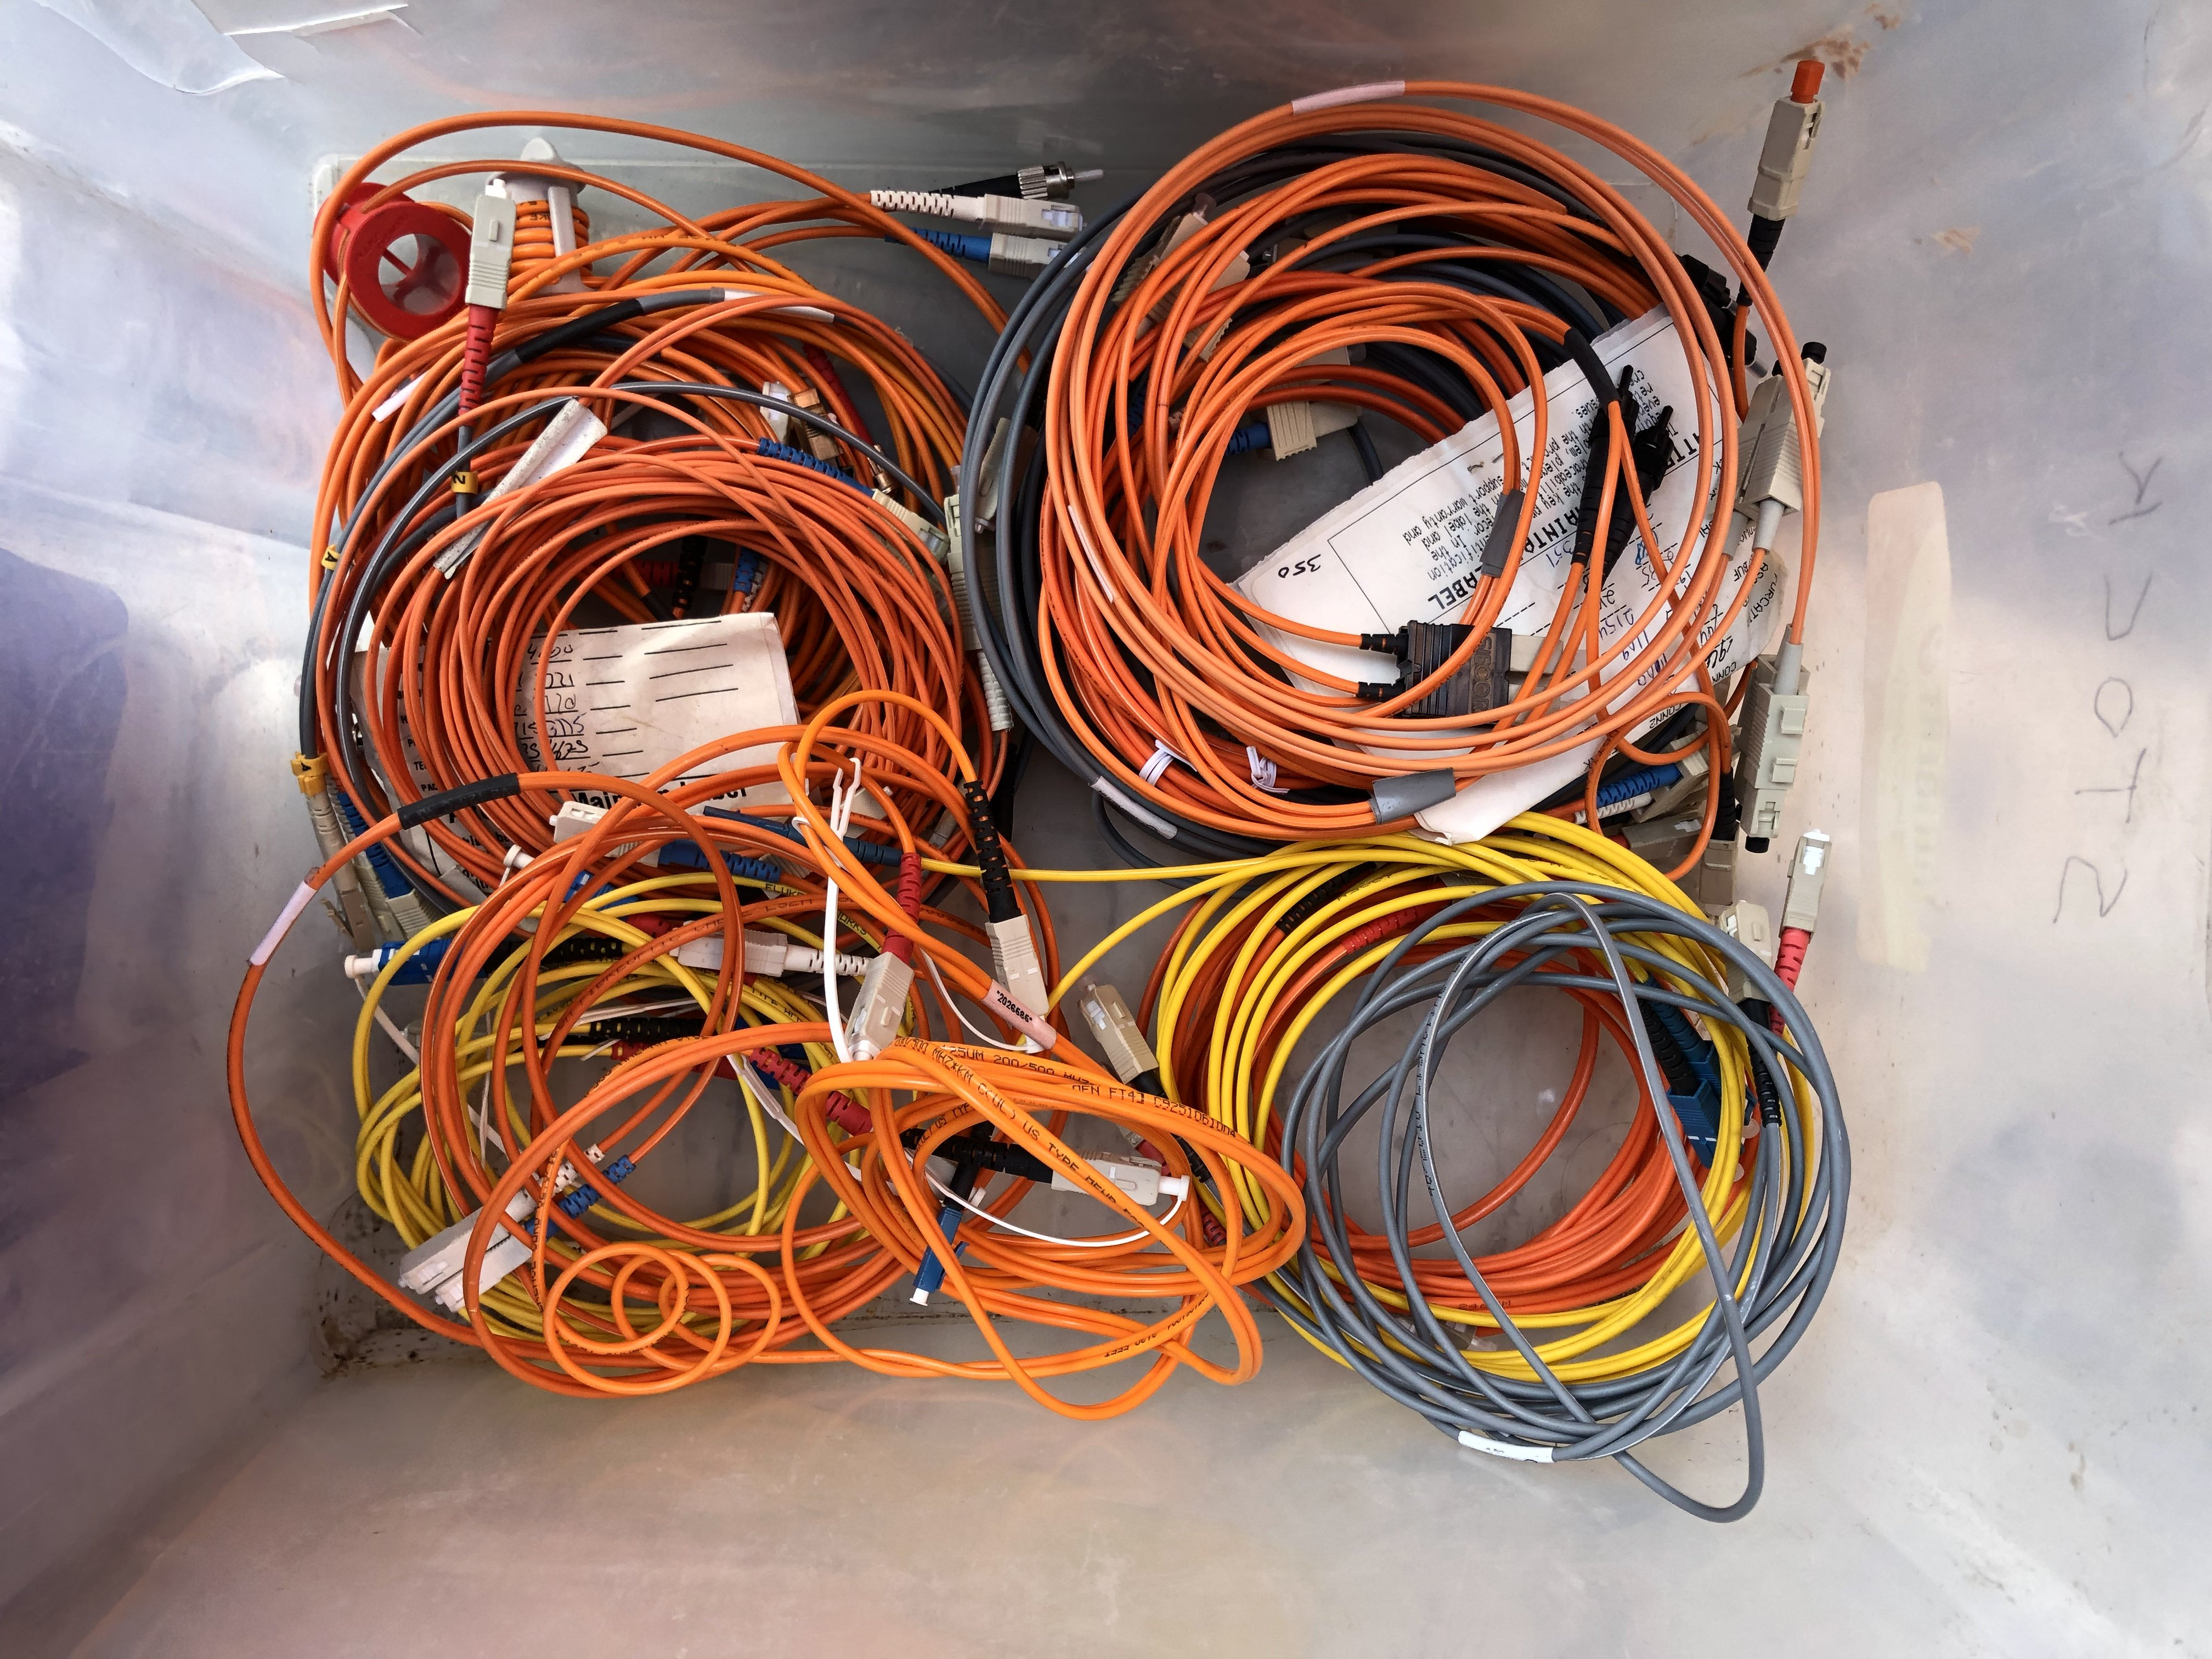 EFAB0915-D404-4B35-8517-6C2968DA02C2.jpeg